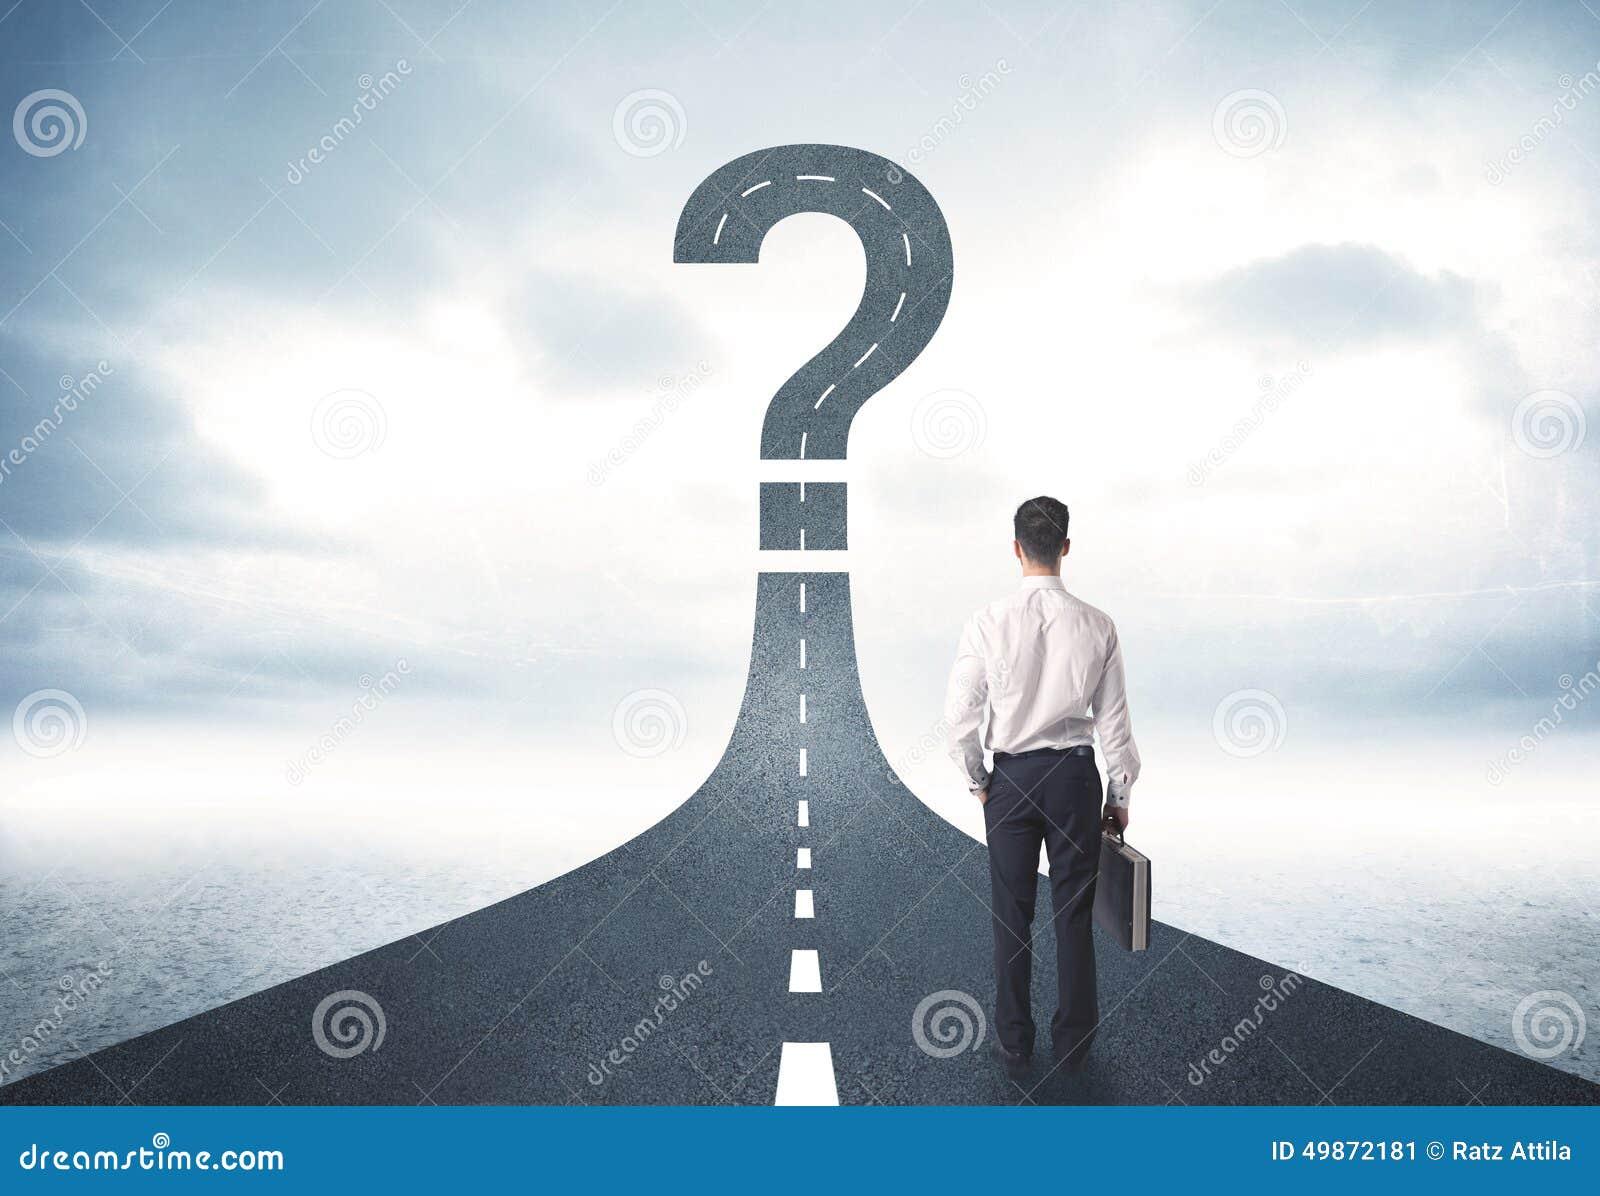 Persona del negocio lokking en el camino con la muestra del signo de interrogación